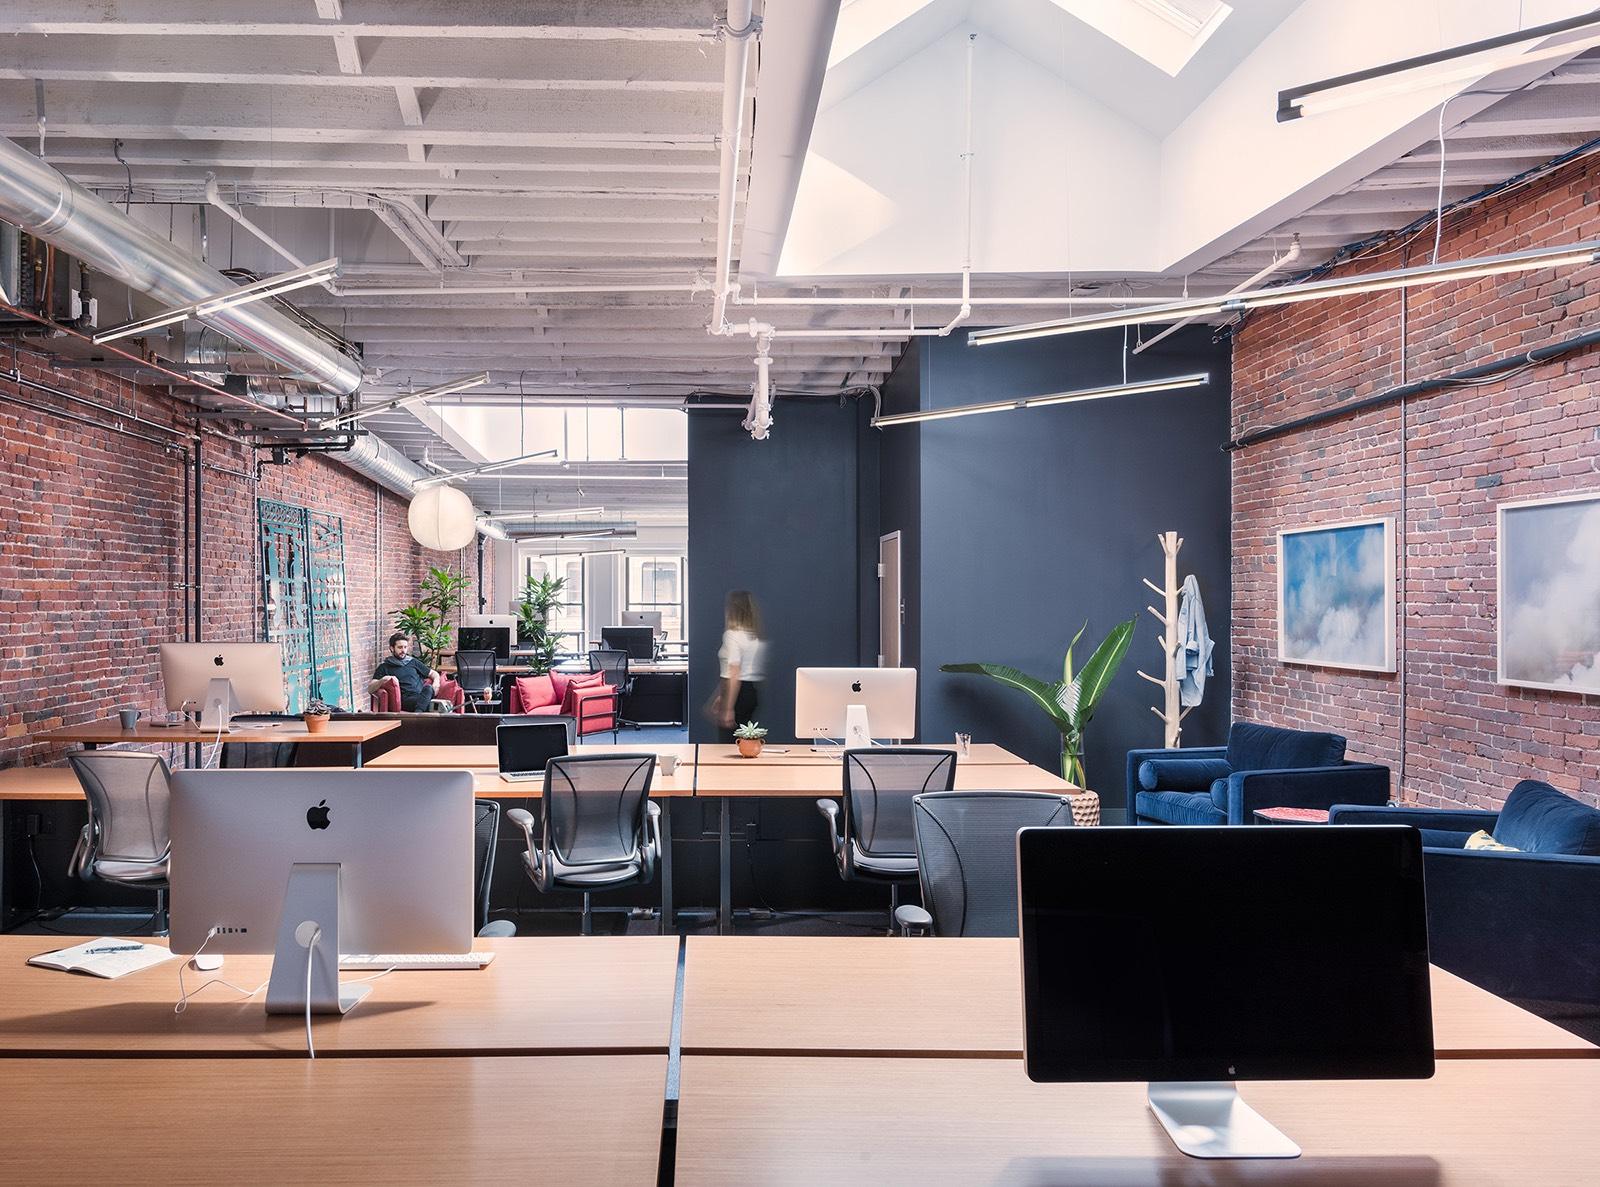 metromile-boston-office-1